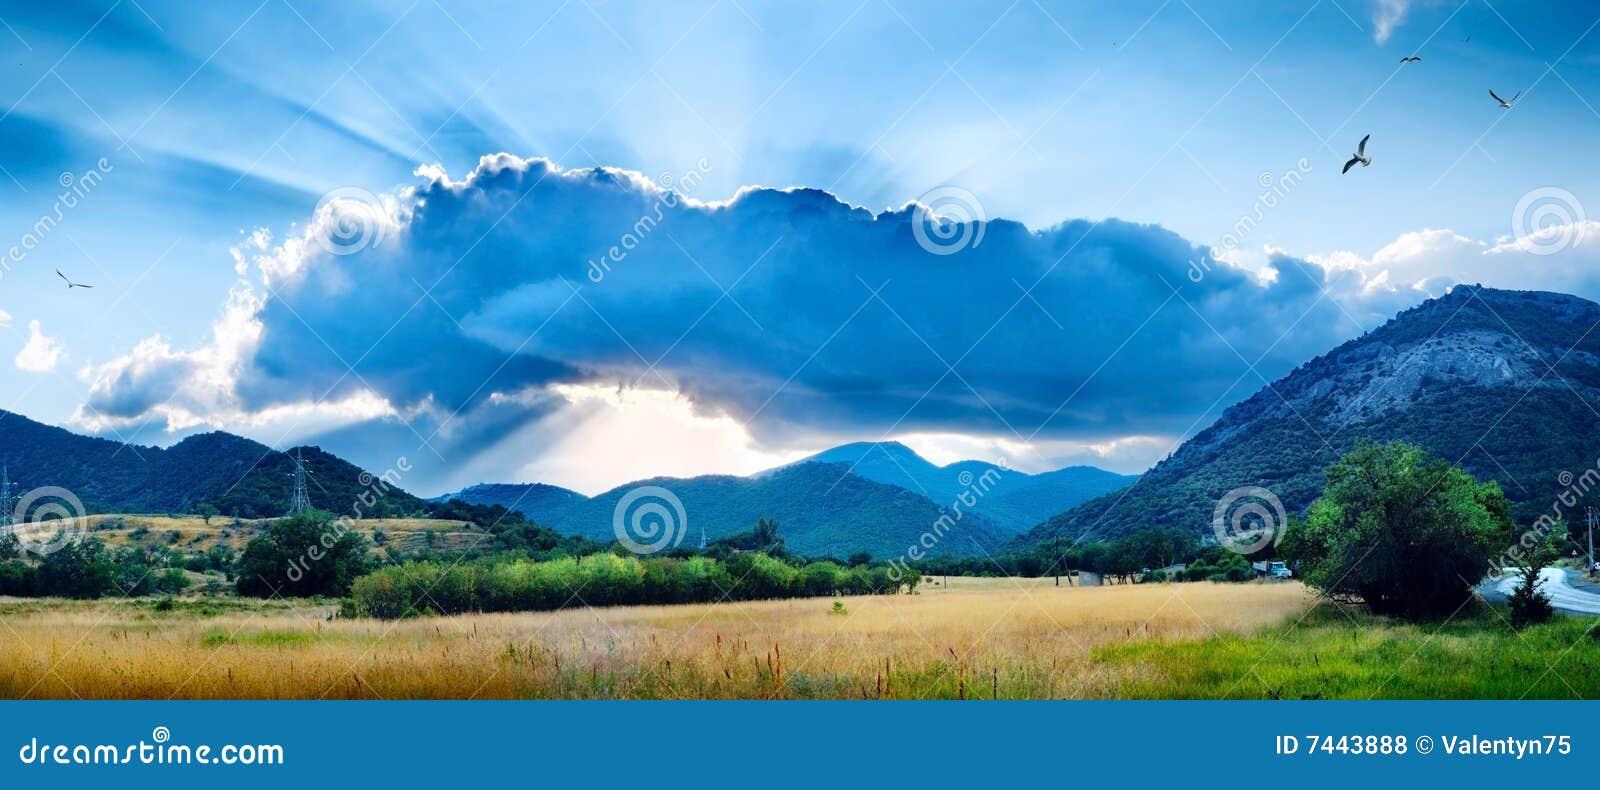 Paisagem com uma nuvem